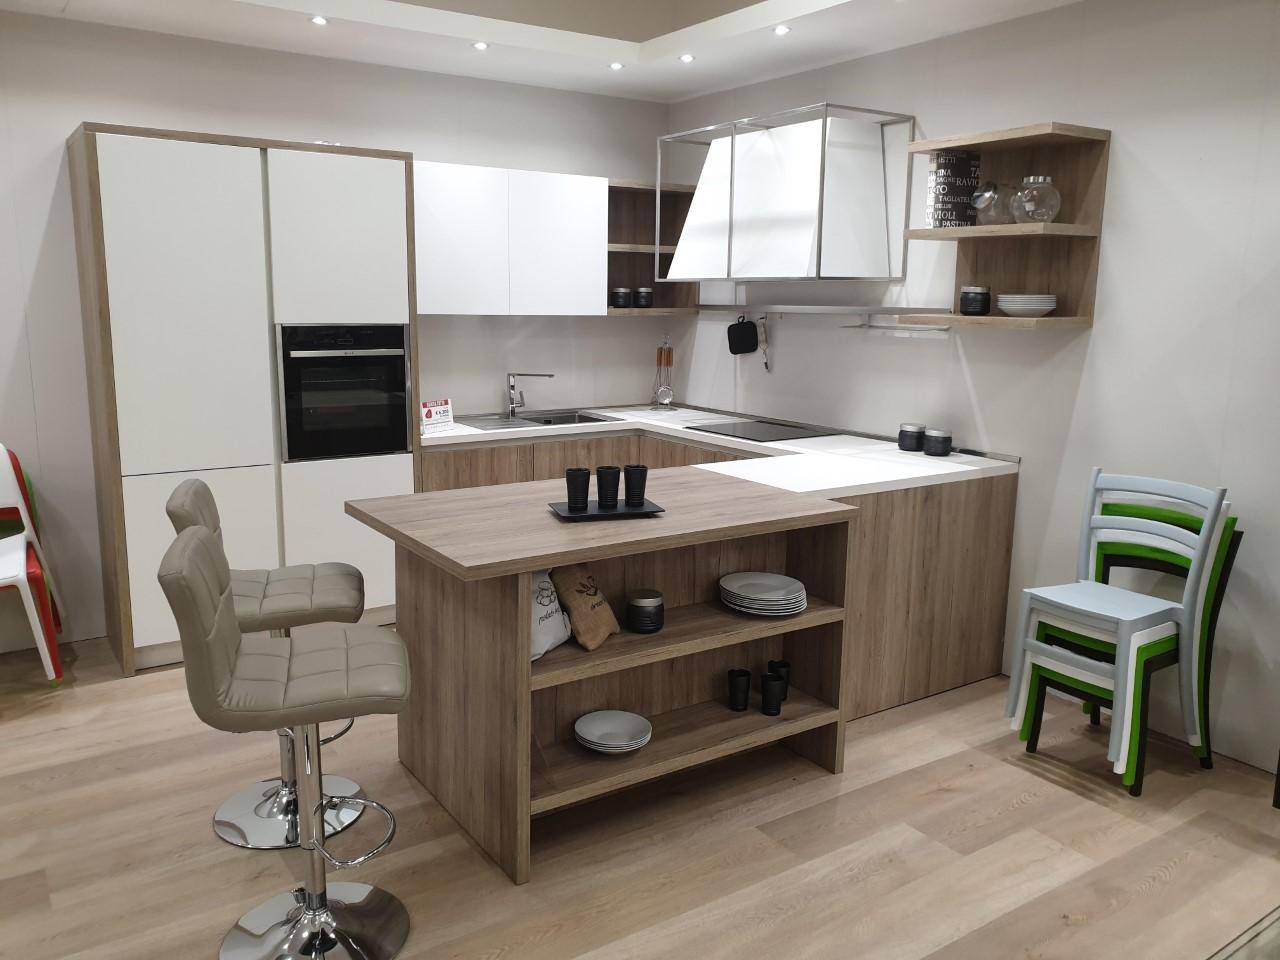 Cucina moderna angolare con penisola   Arredamento Mobili ...